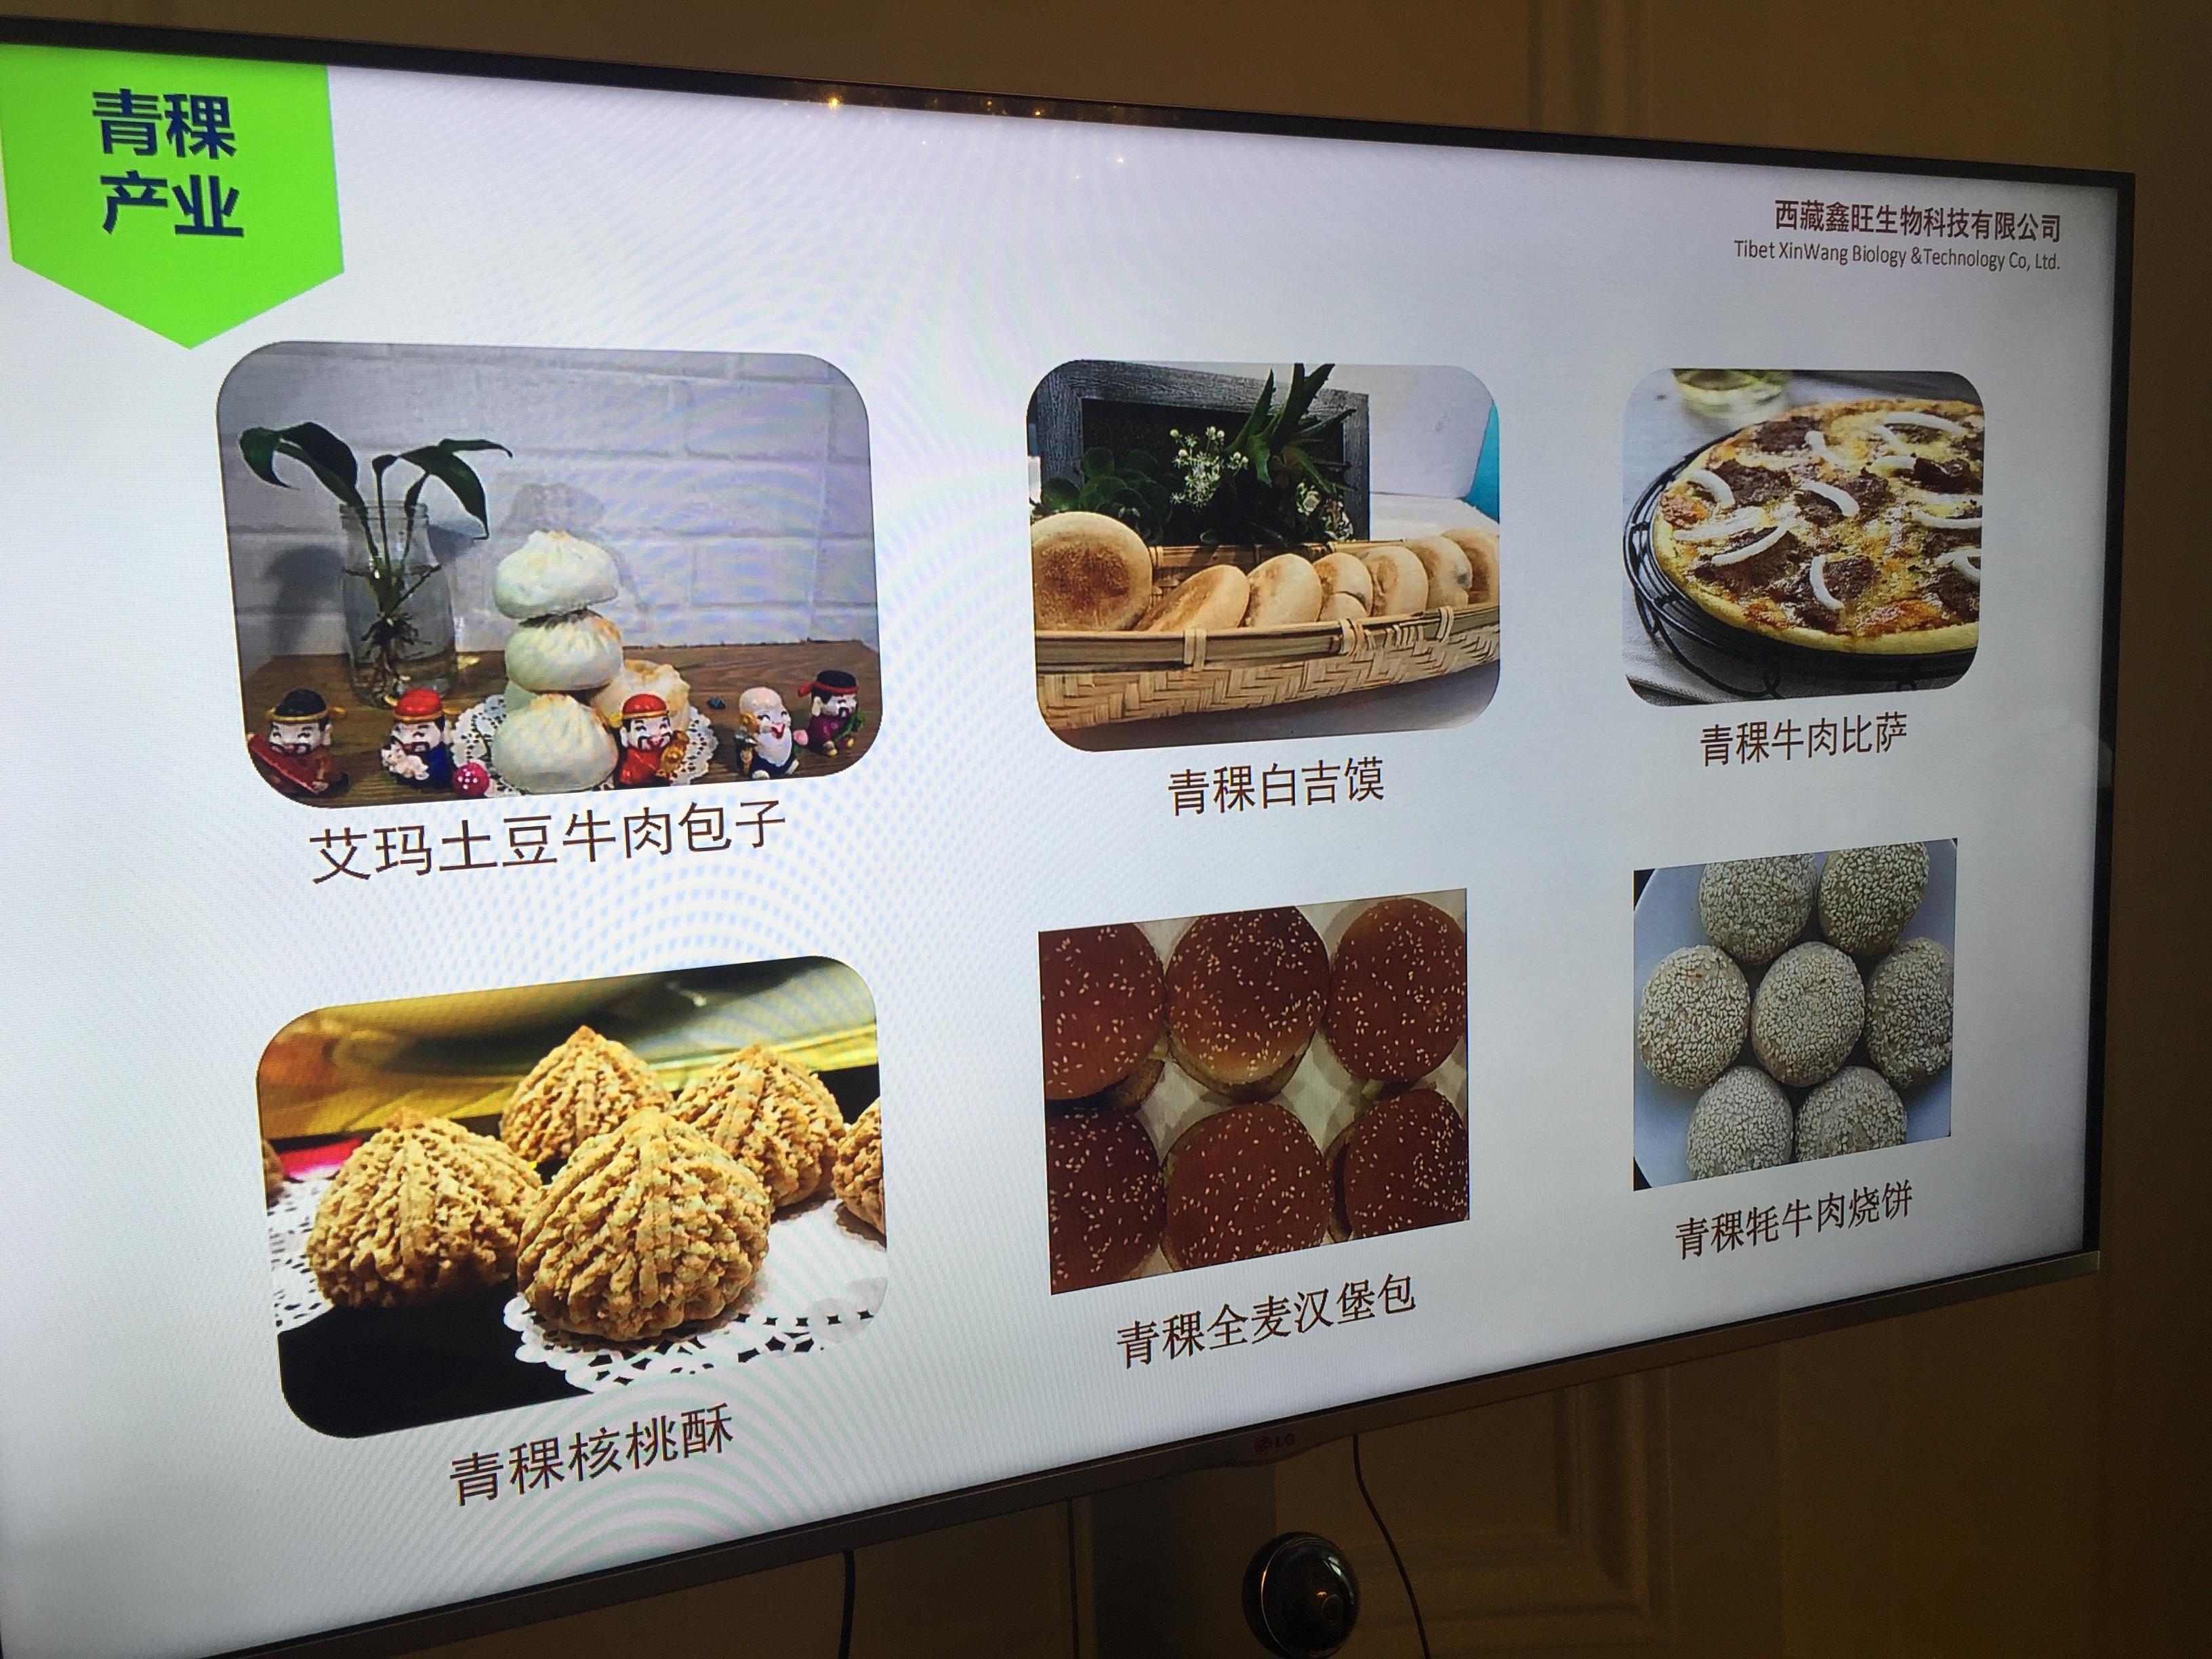 Präsentation hochwertiger Lebensmittel durch die Firma Ai Di